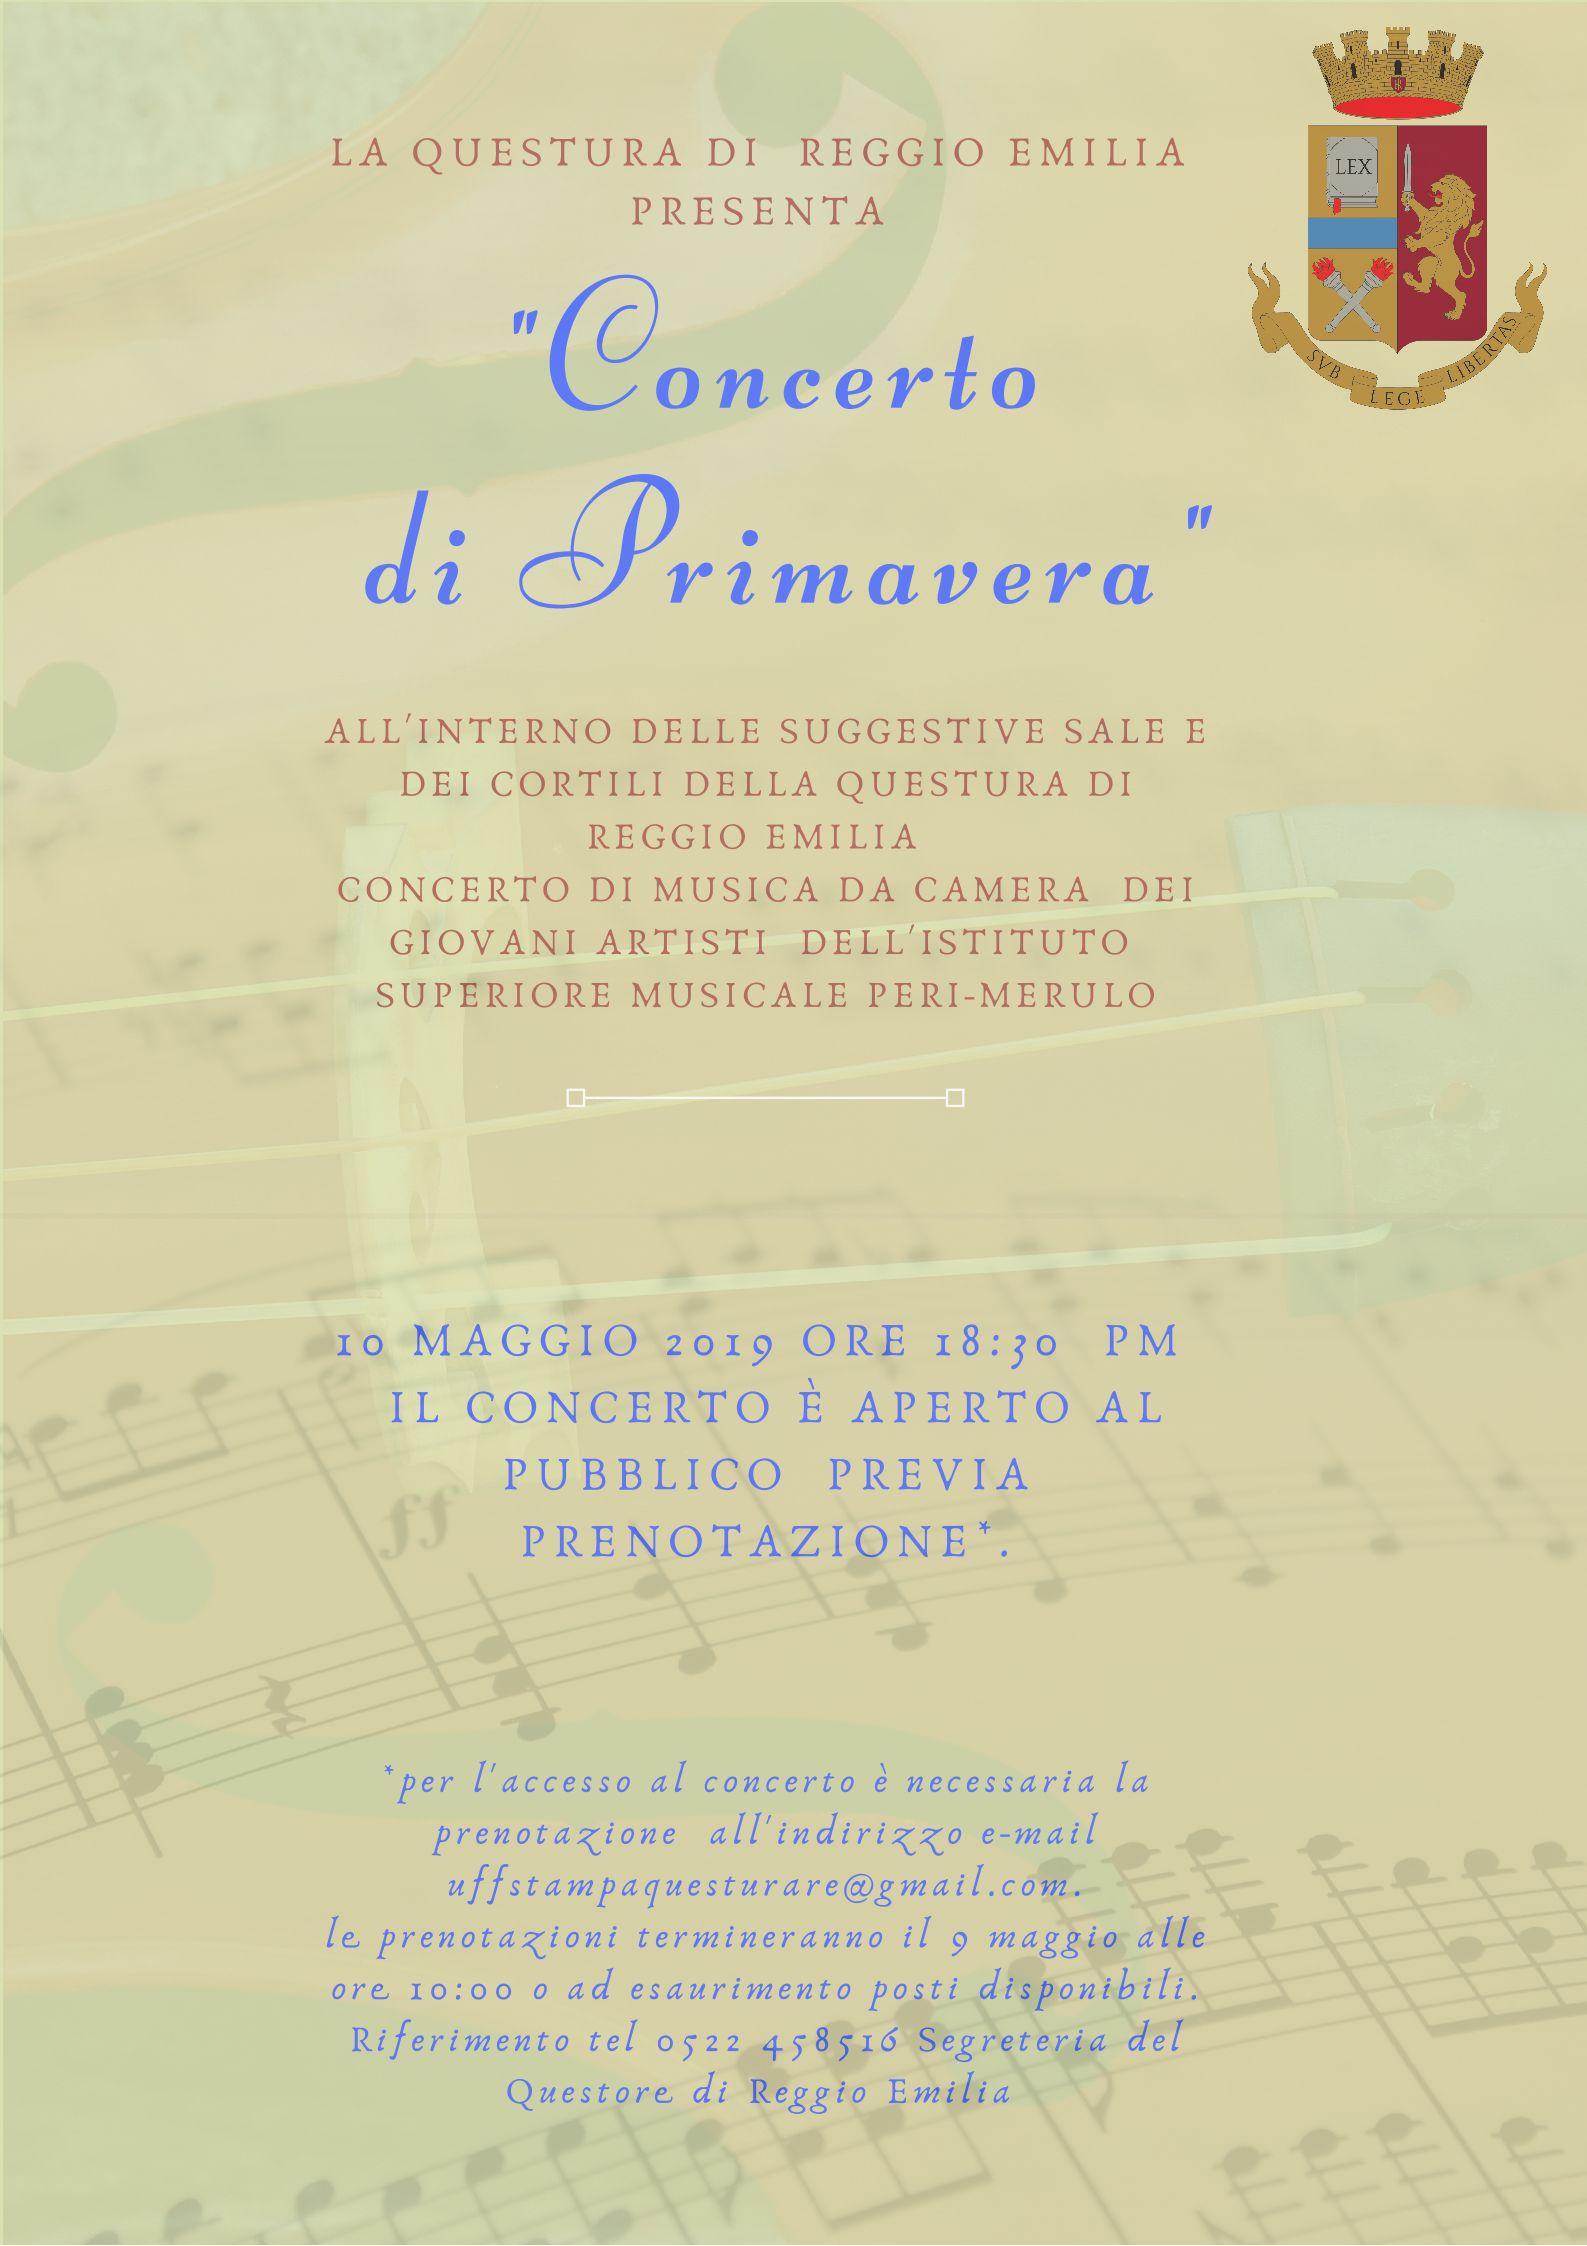 Concerto Di Primavera Questura Di Reggio Emilia 10 Maggio 2019